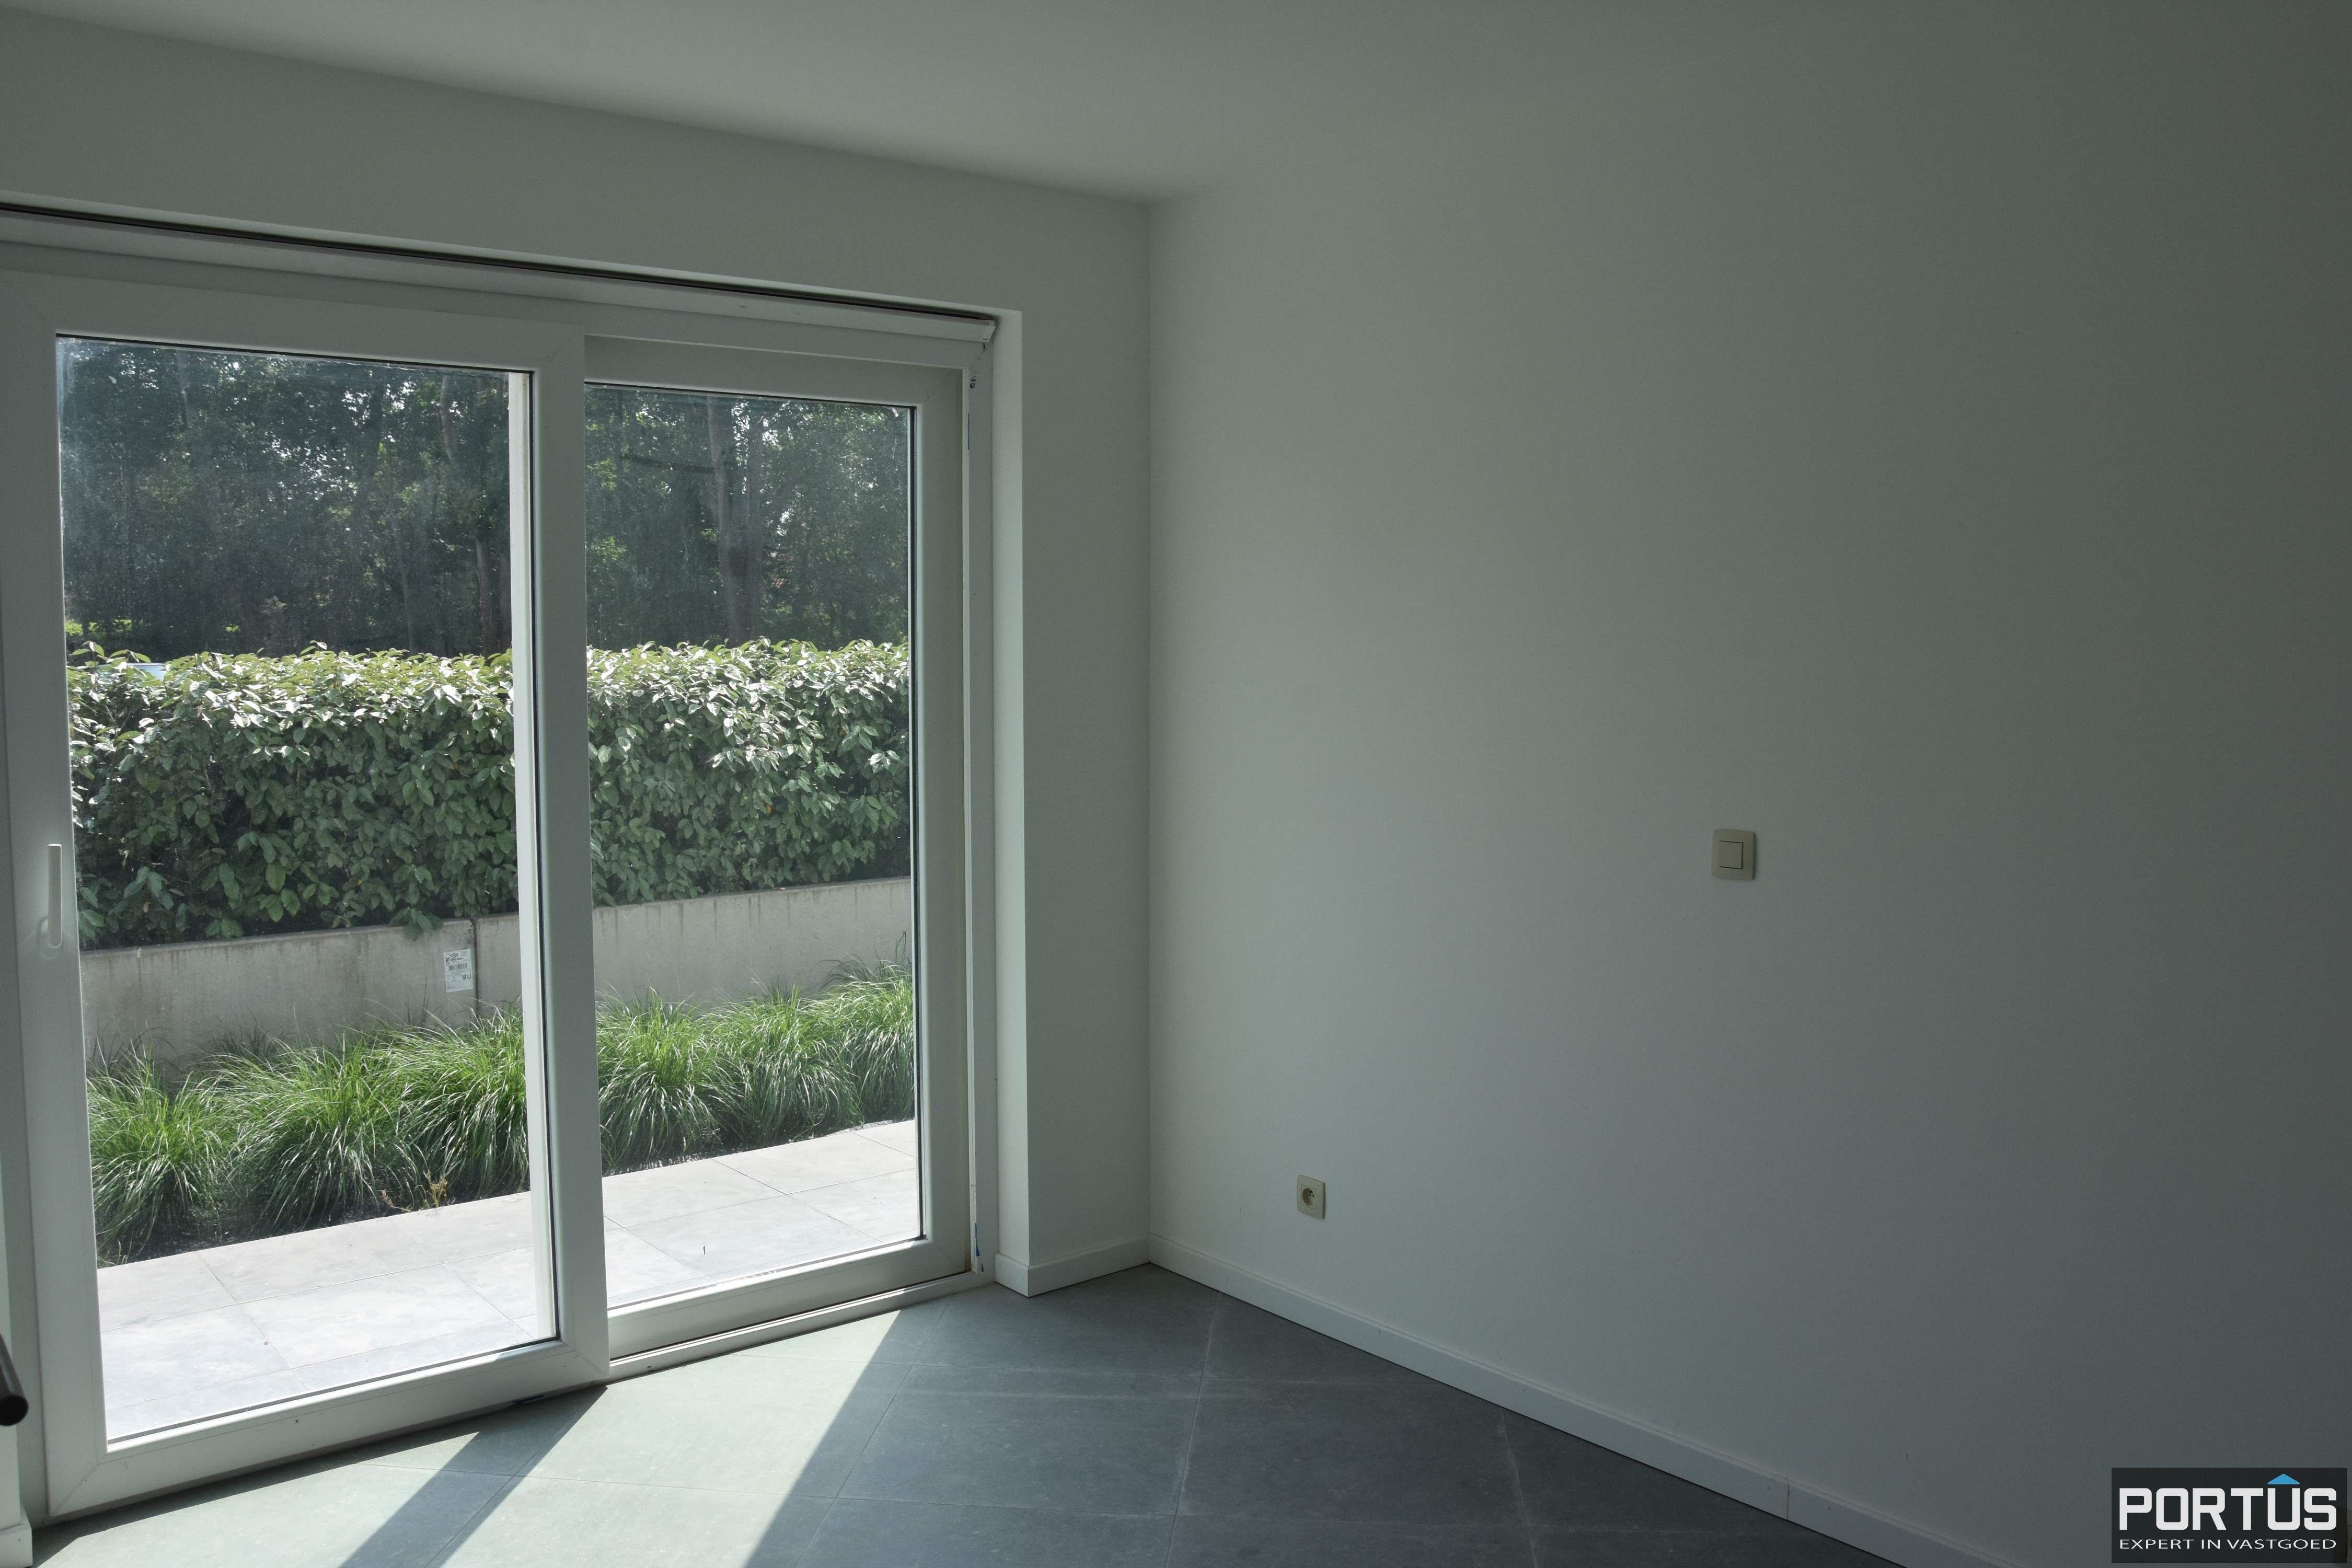 Appartement Residentie Villa Crombez Nieuwpoort - 8403